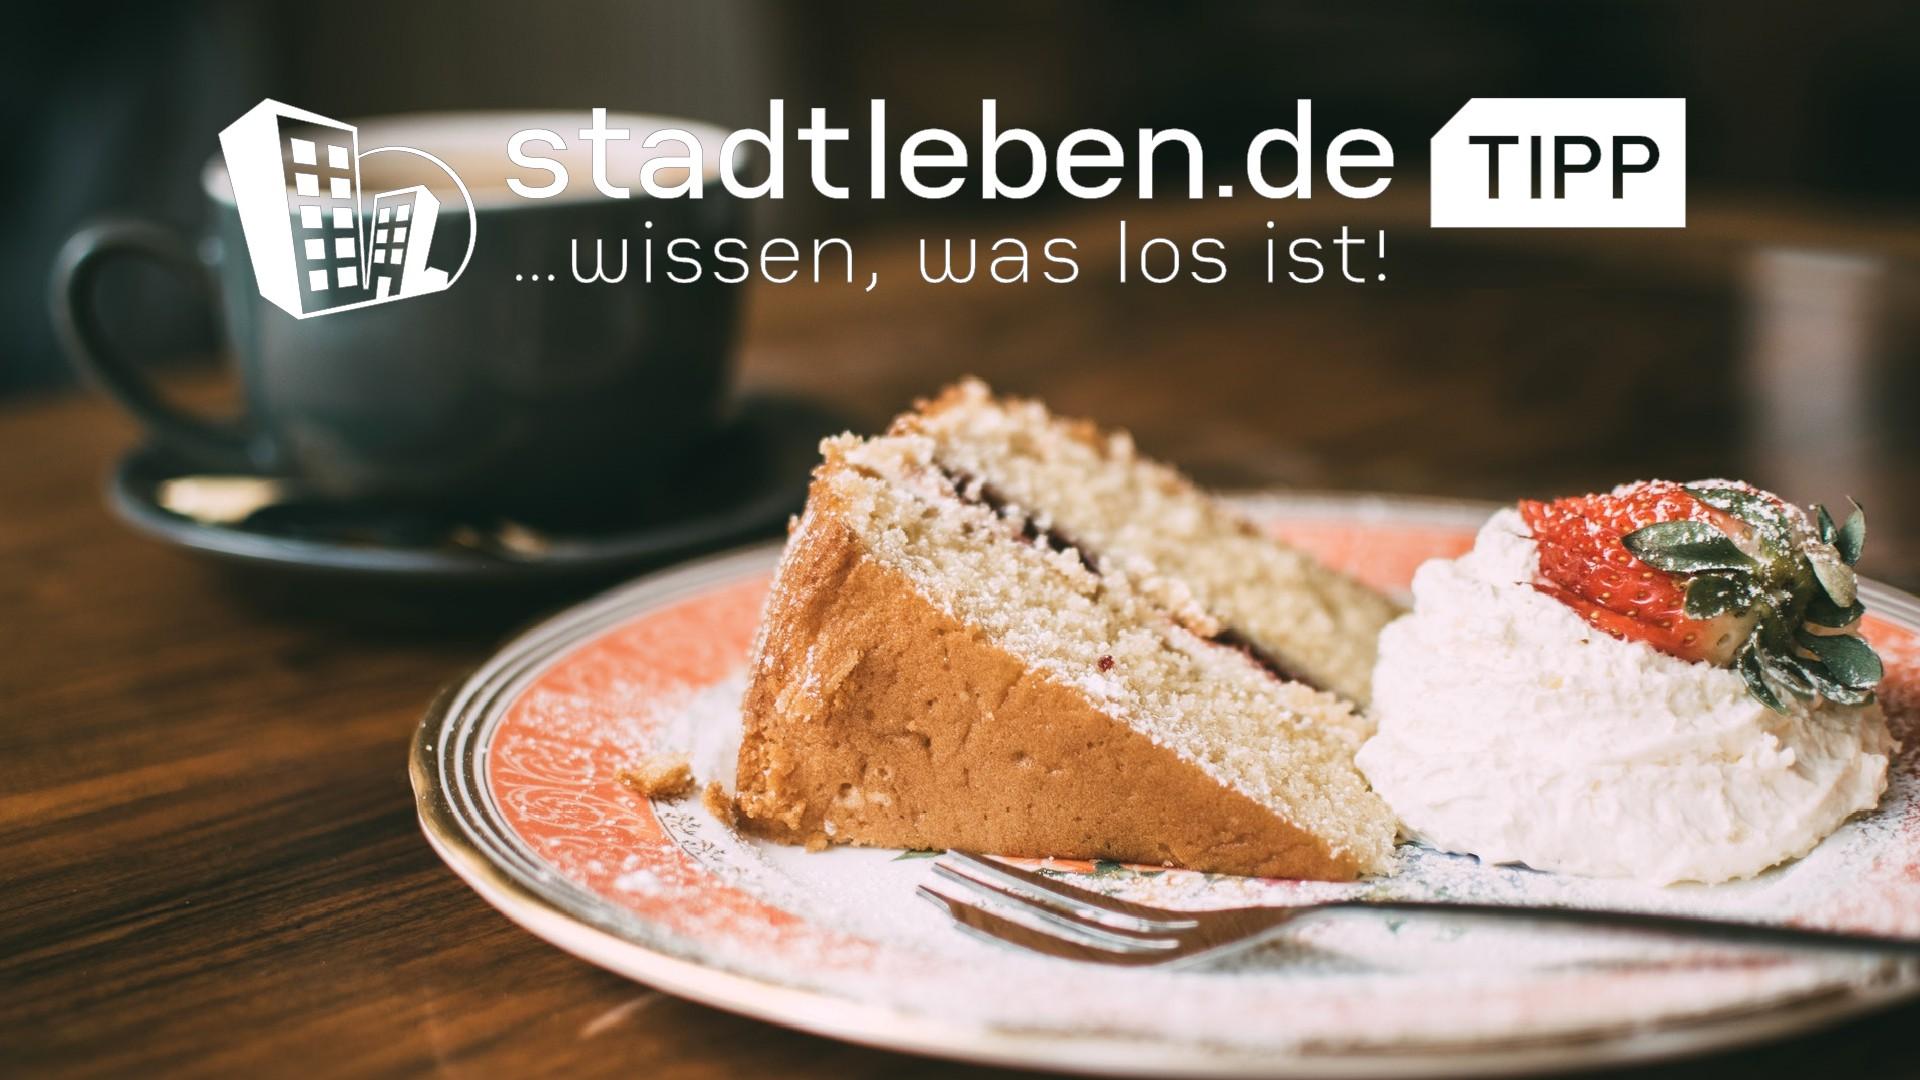 Kaffeetasse, Teller mit Kuchen und Gabel, Tisch, Tasse, Kaffee, Café, Torte